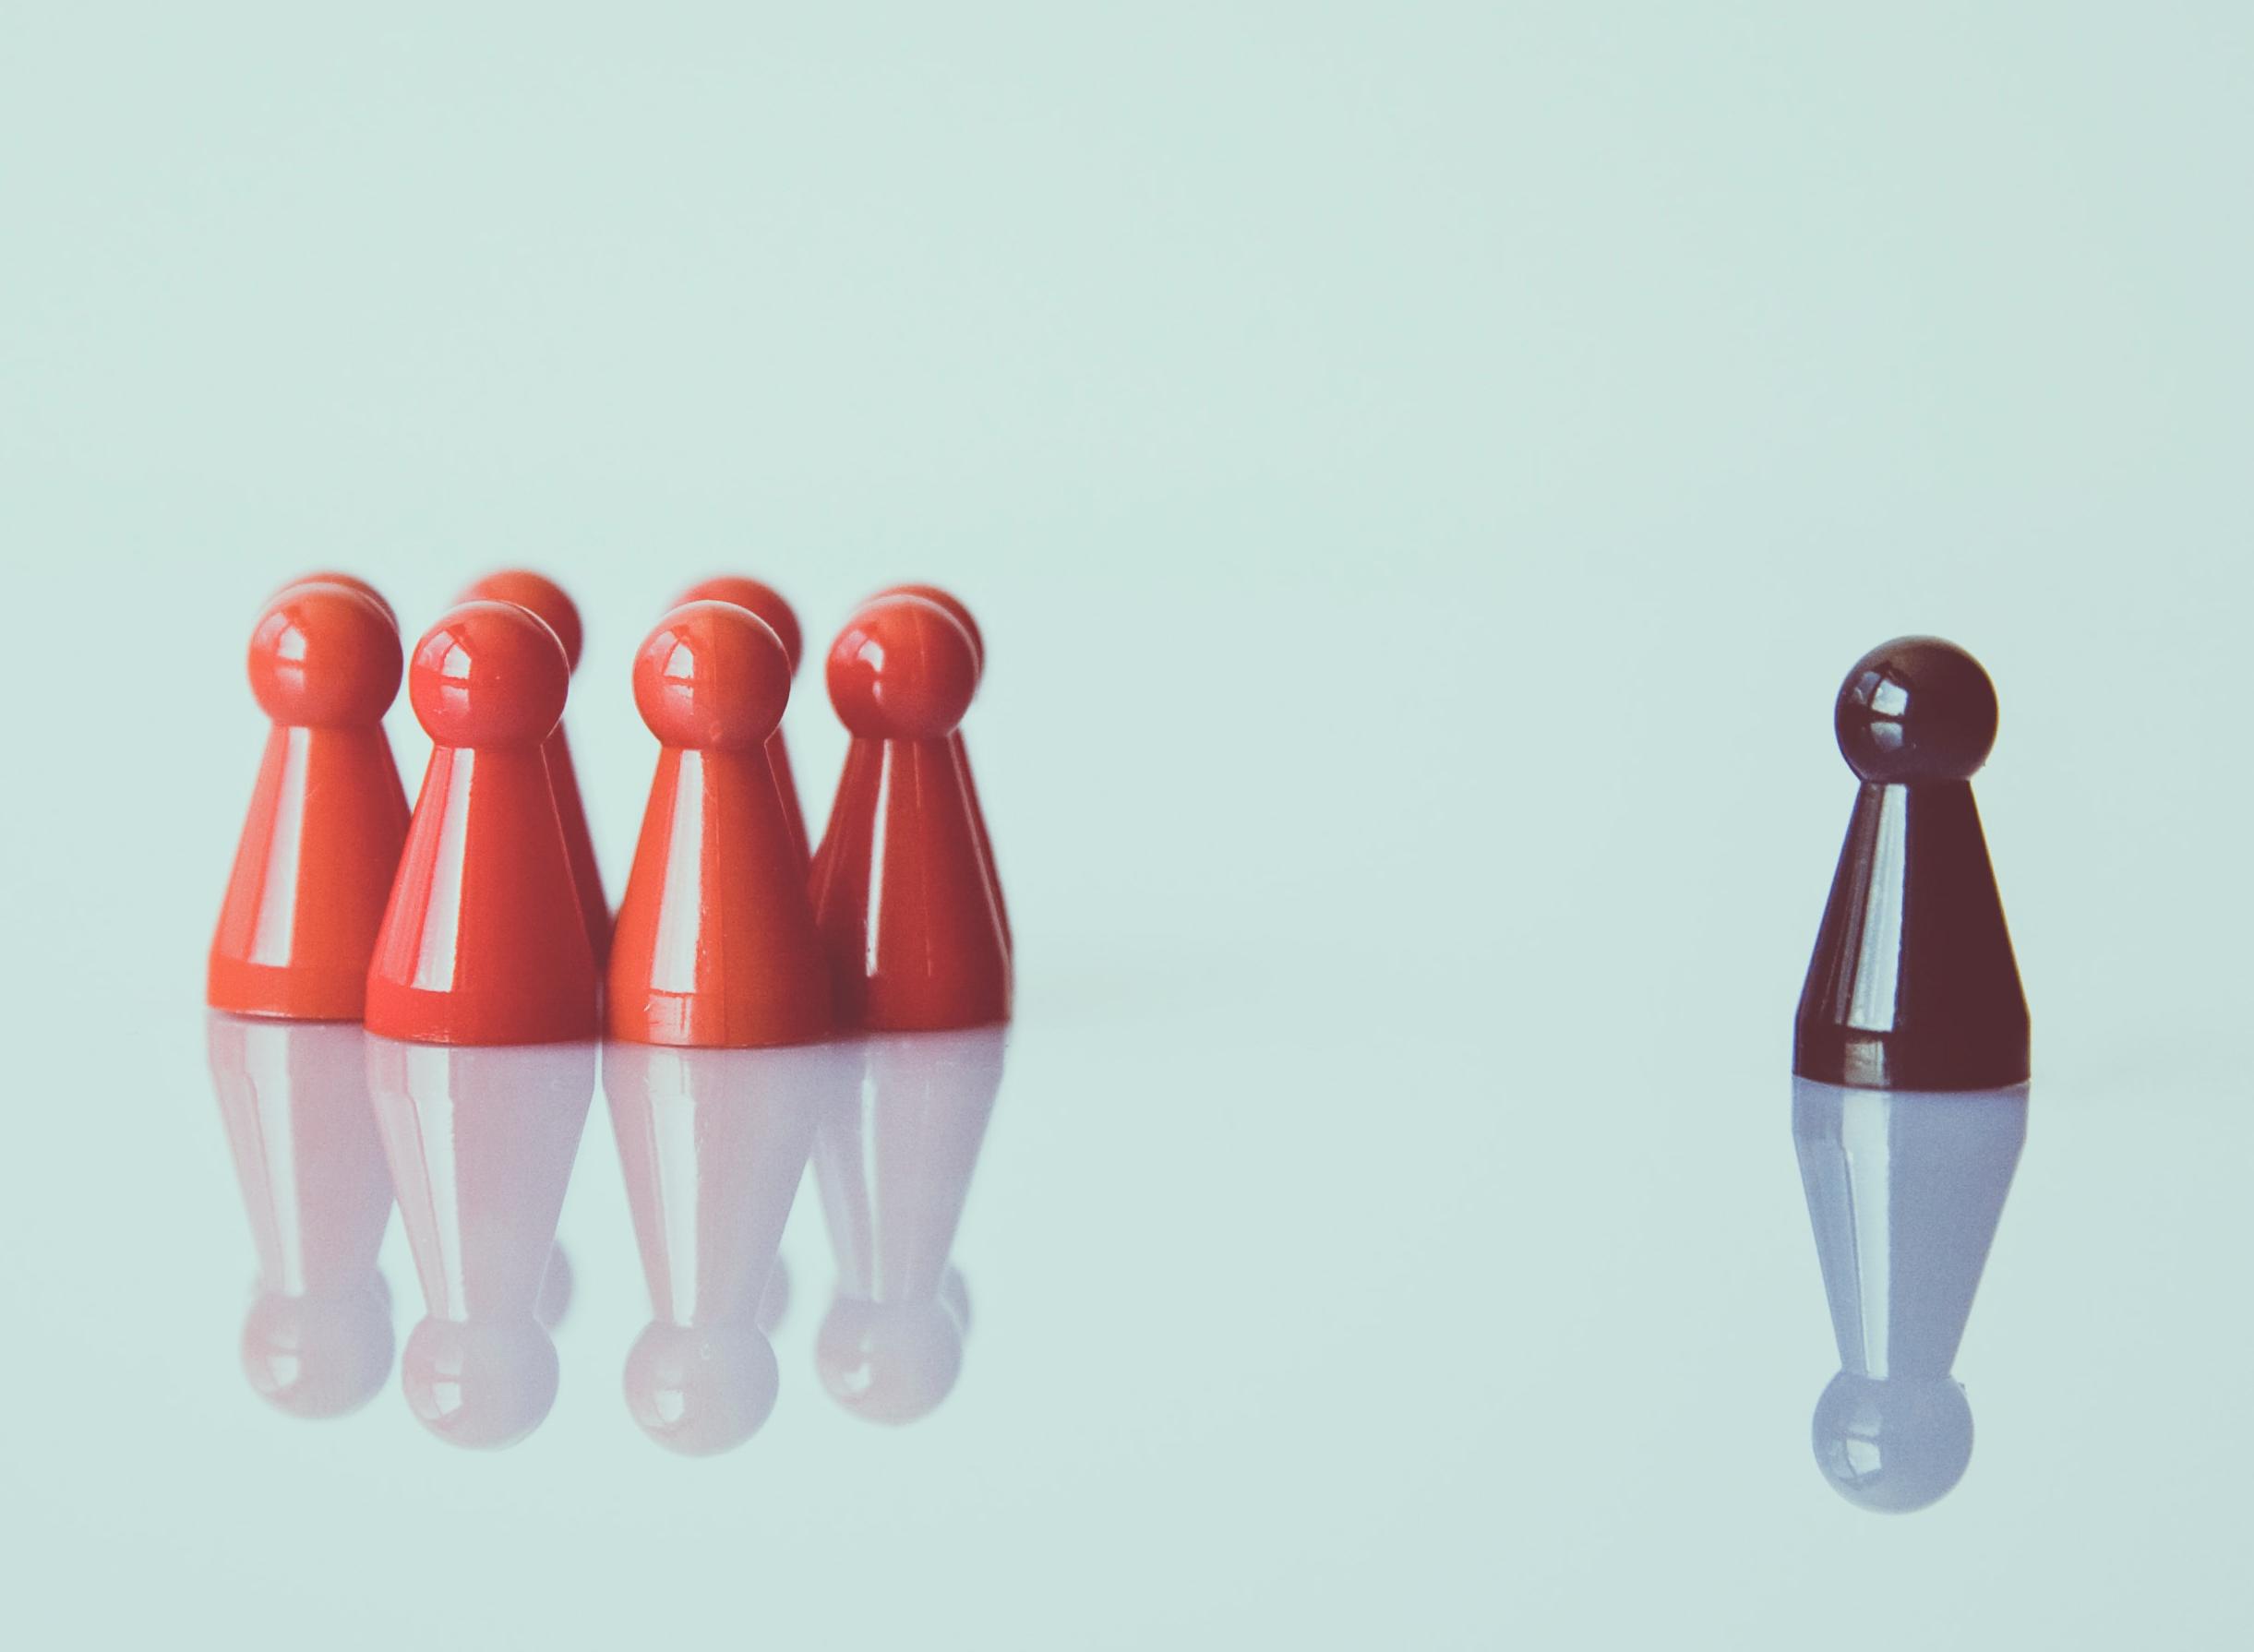 El distanciamiento social: ¿cómo funciona?